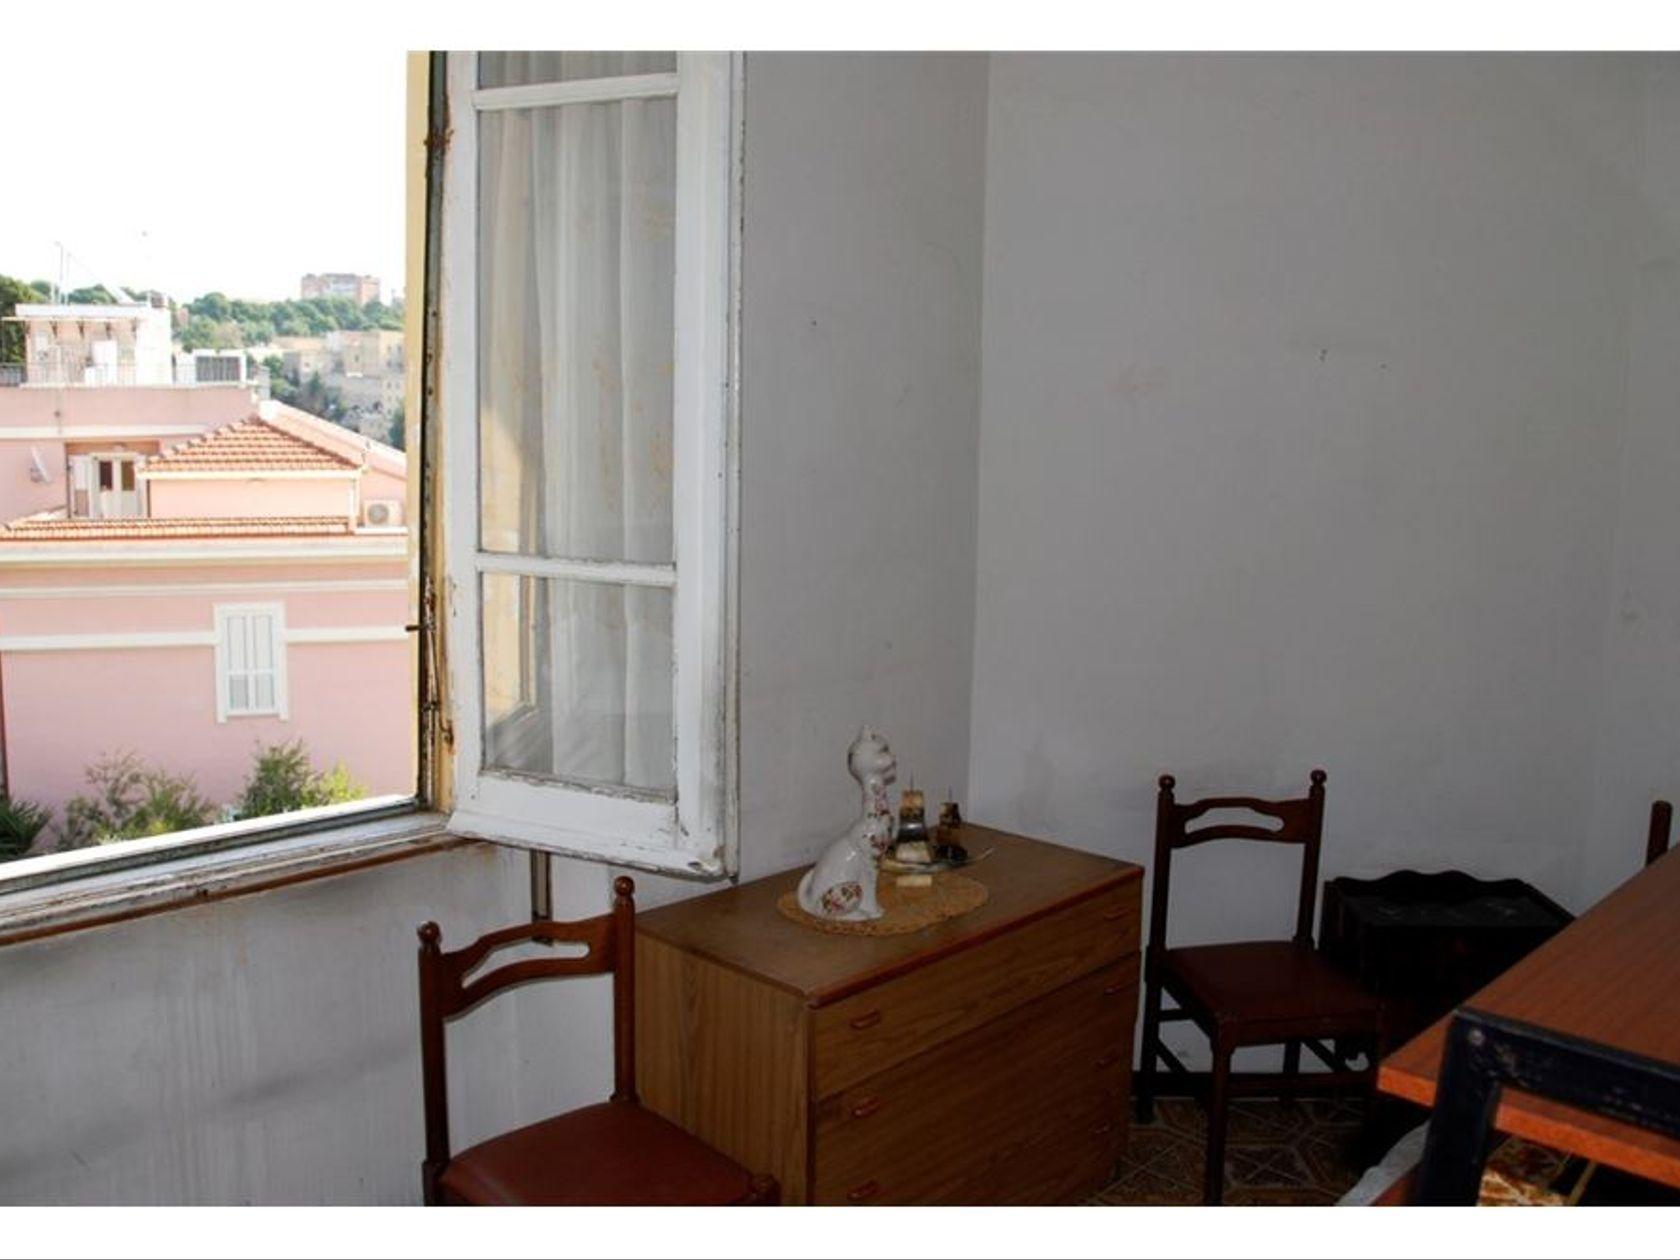 Appartamento Cagliari-punici-merello, Cagliari, CA Vendita - Foto 5